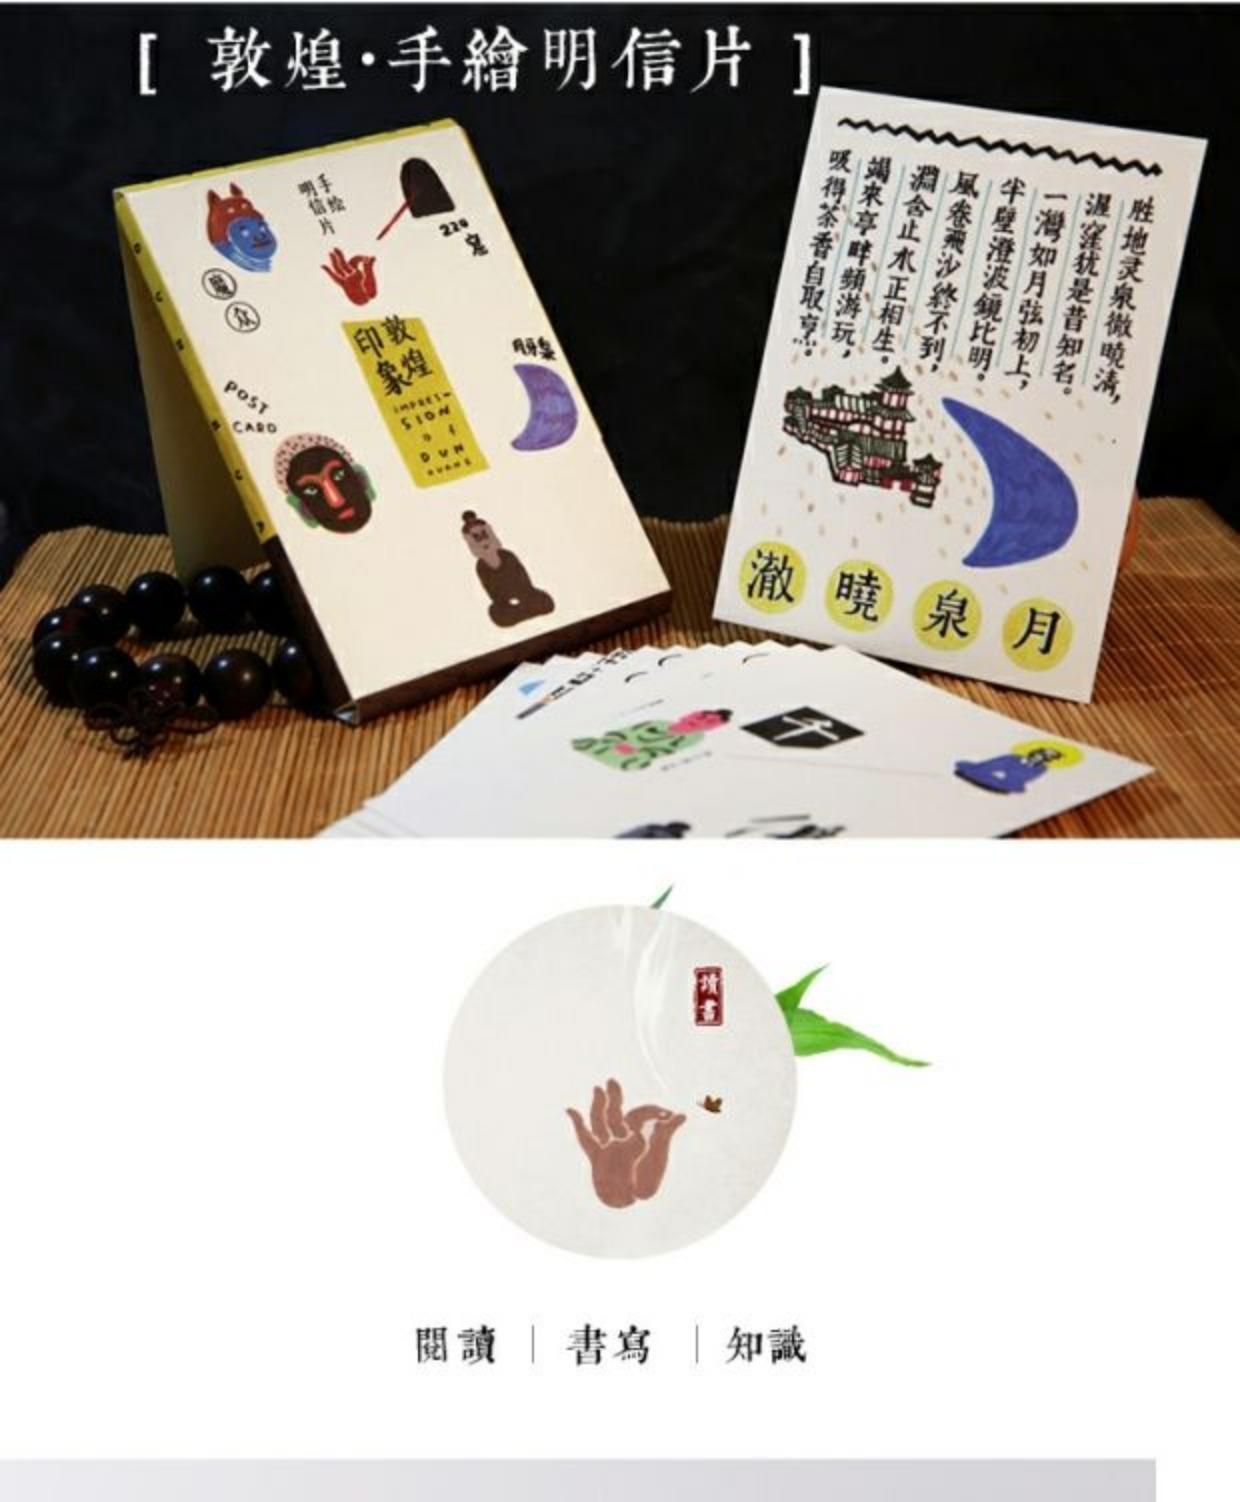 【敦煌文创】敦煌手绘明信片12张